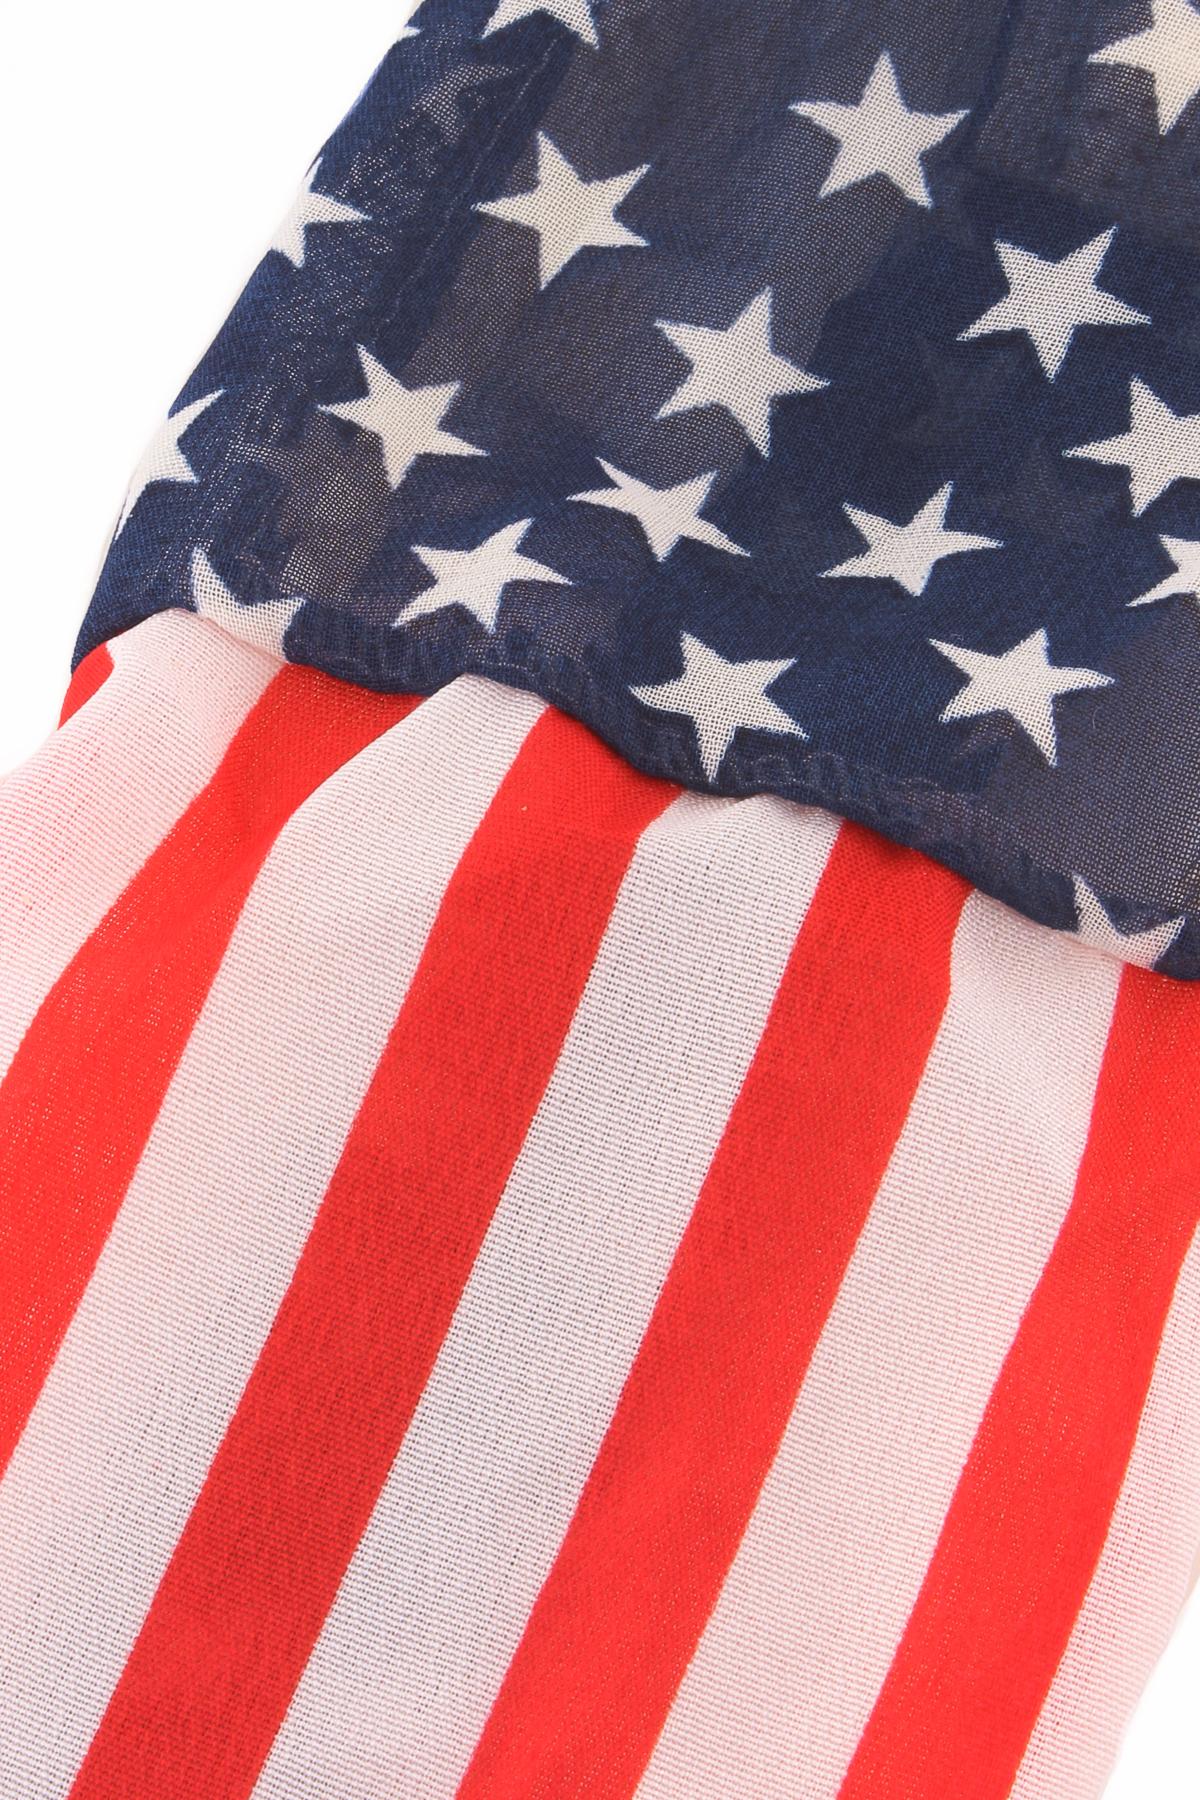 American Flag Headband - Hair Accessories